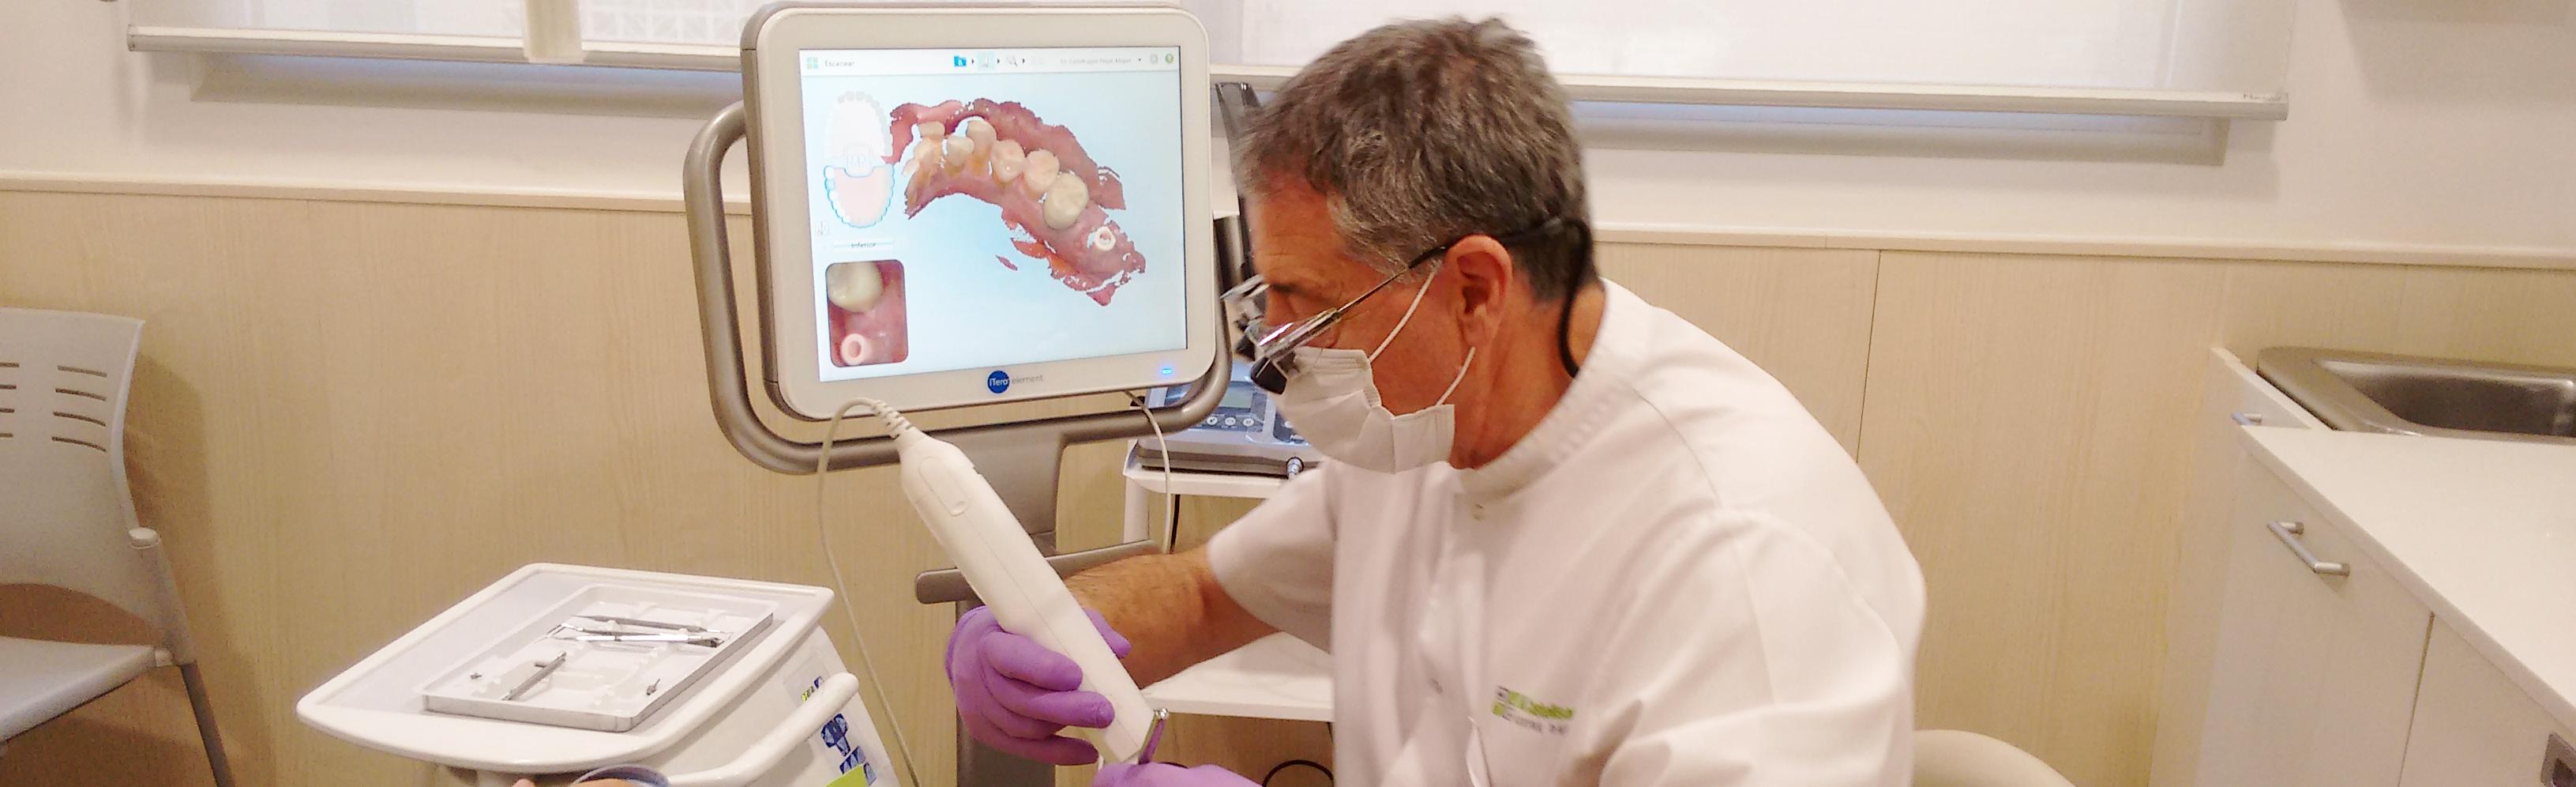 escaner-intraoral-3d-dentista-granollers-castellsgué-1-slider